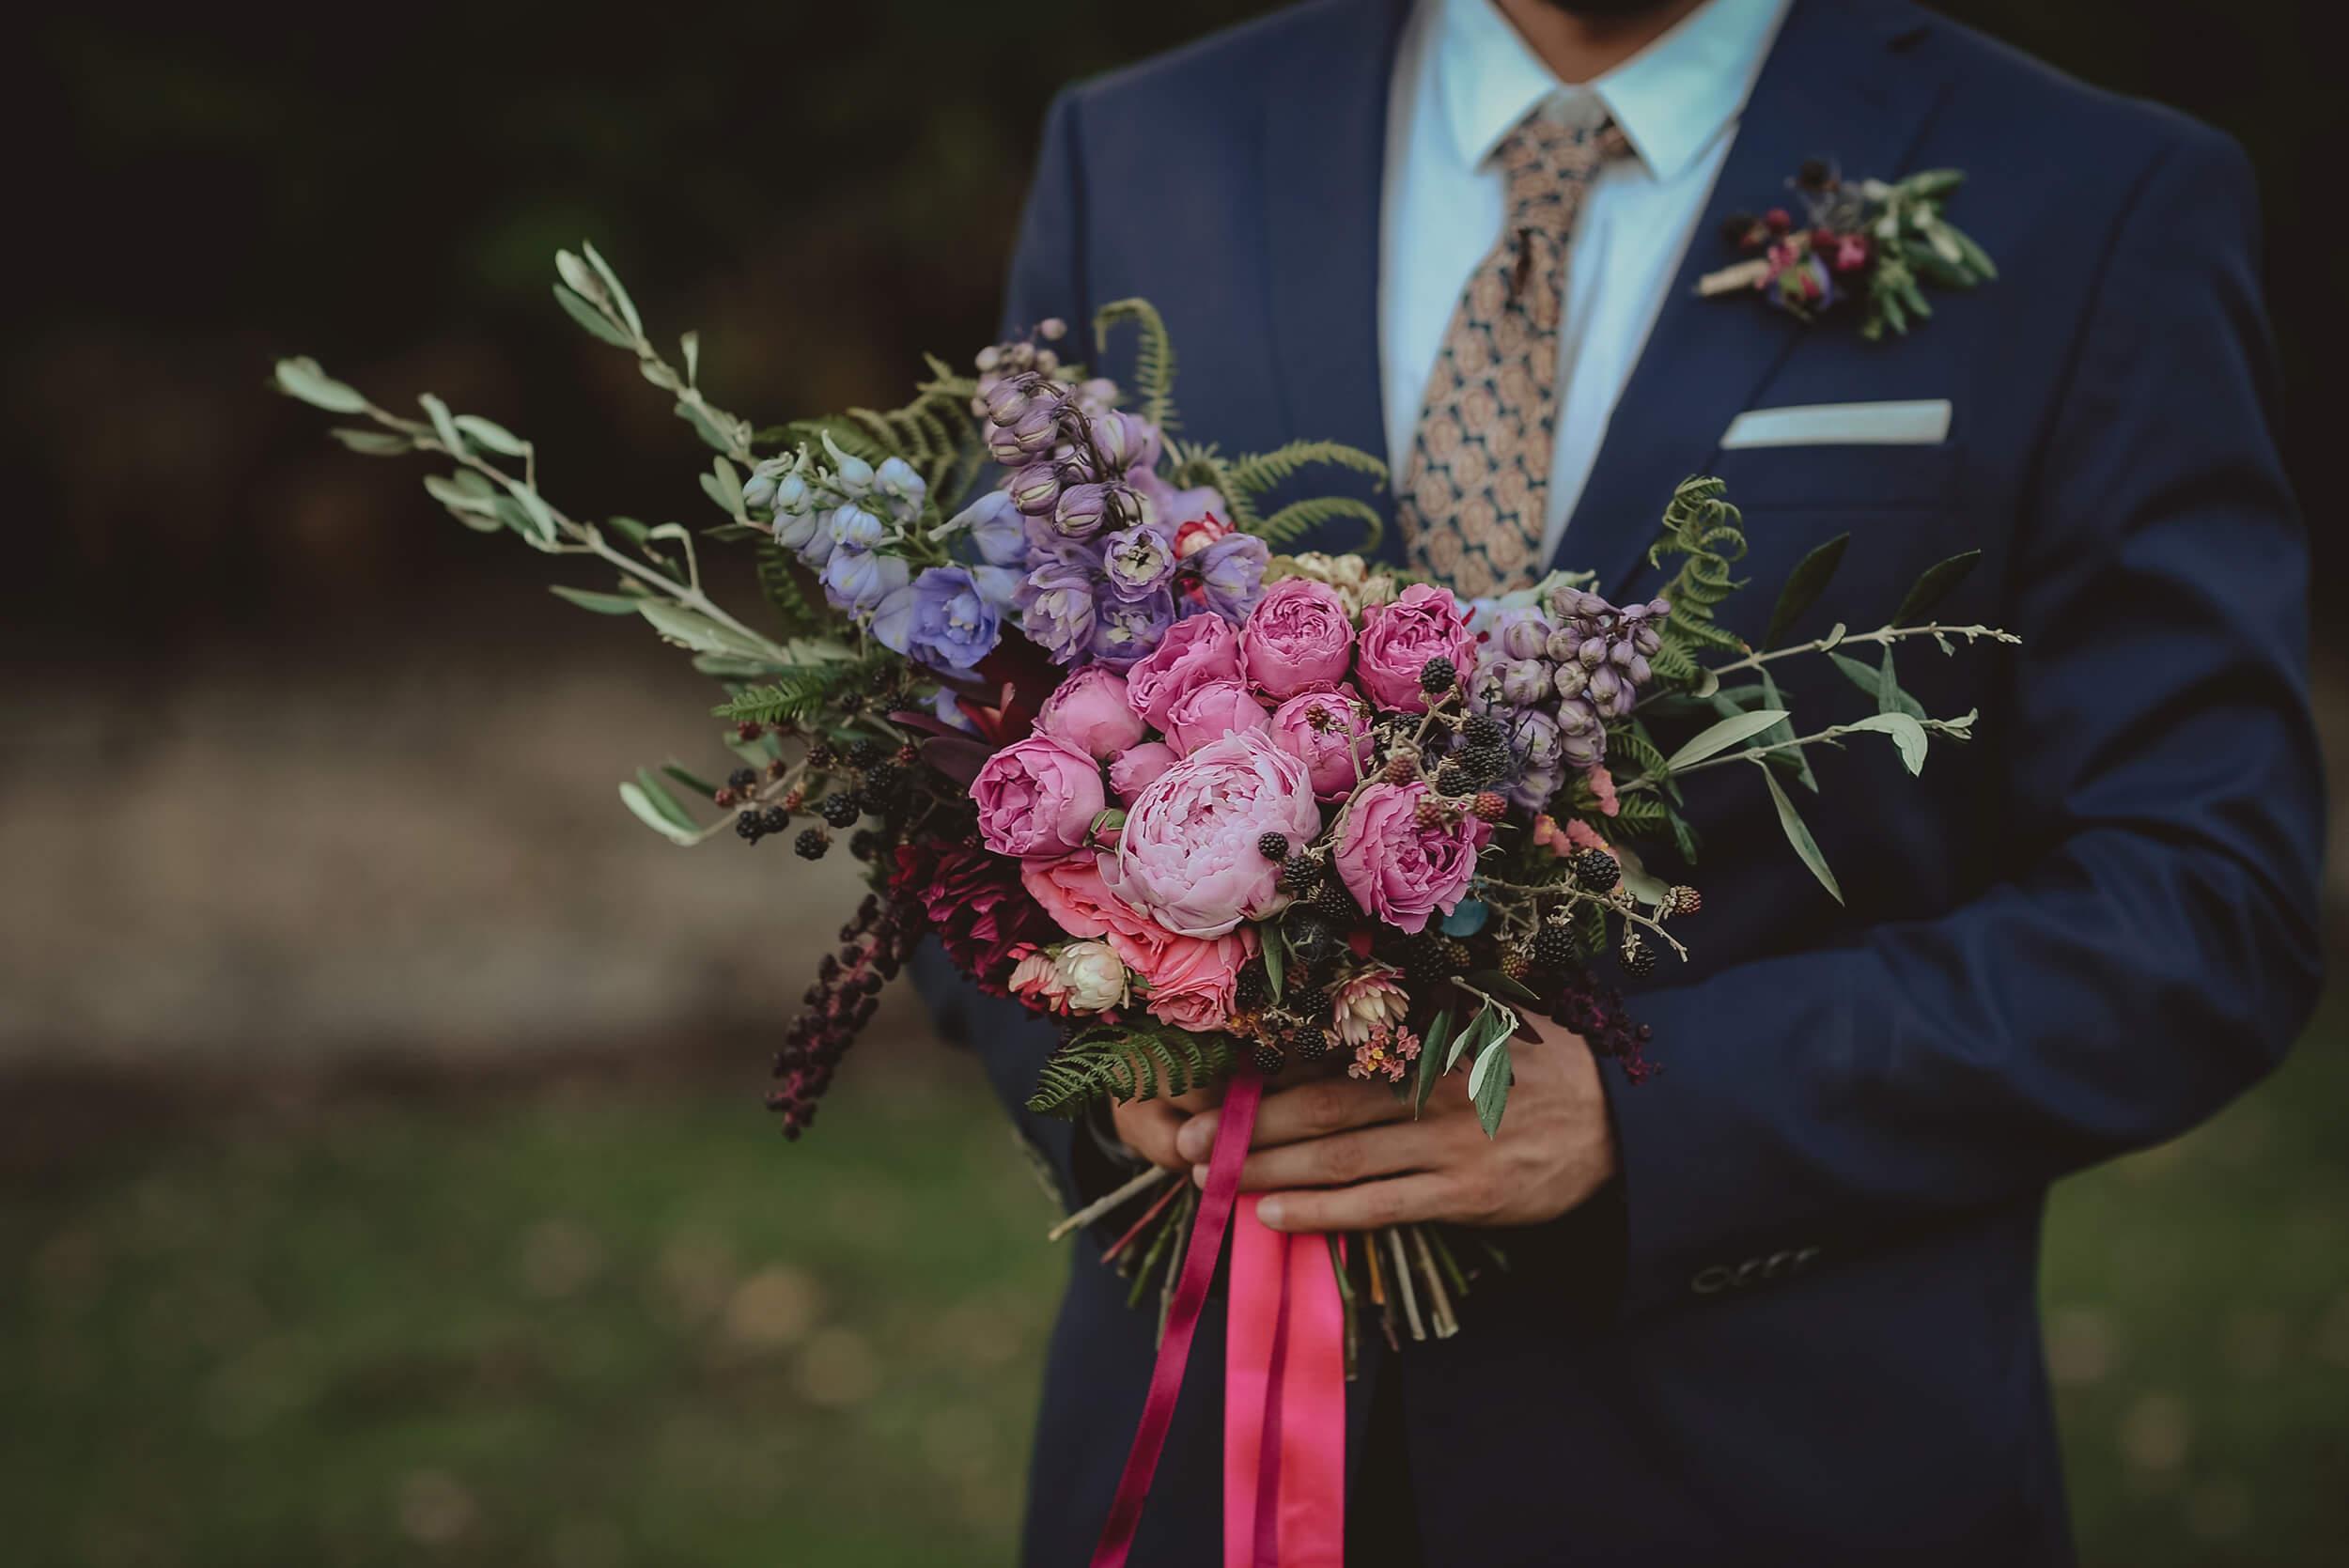 roma-organizacao-eventos-editorial-casamento-colorful-wedding-53